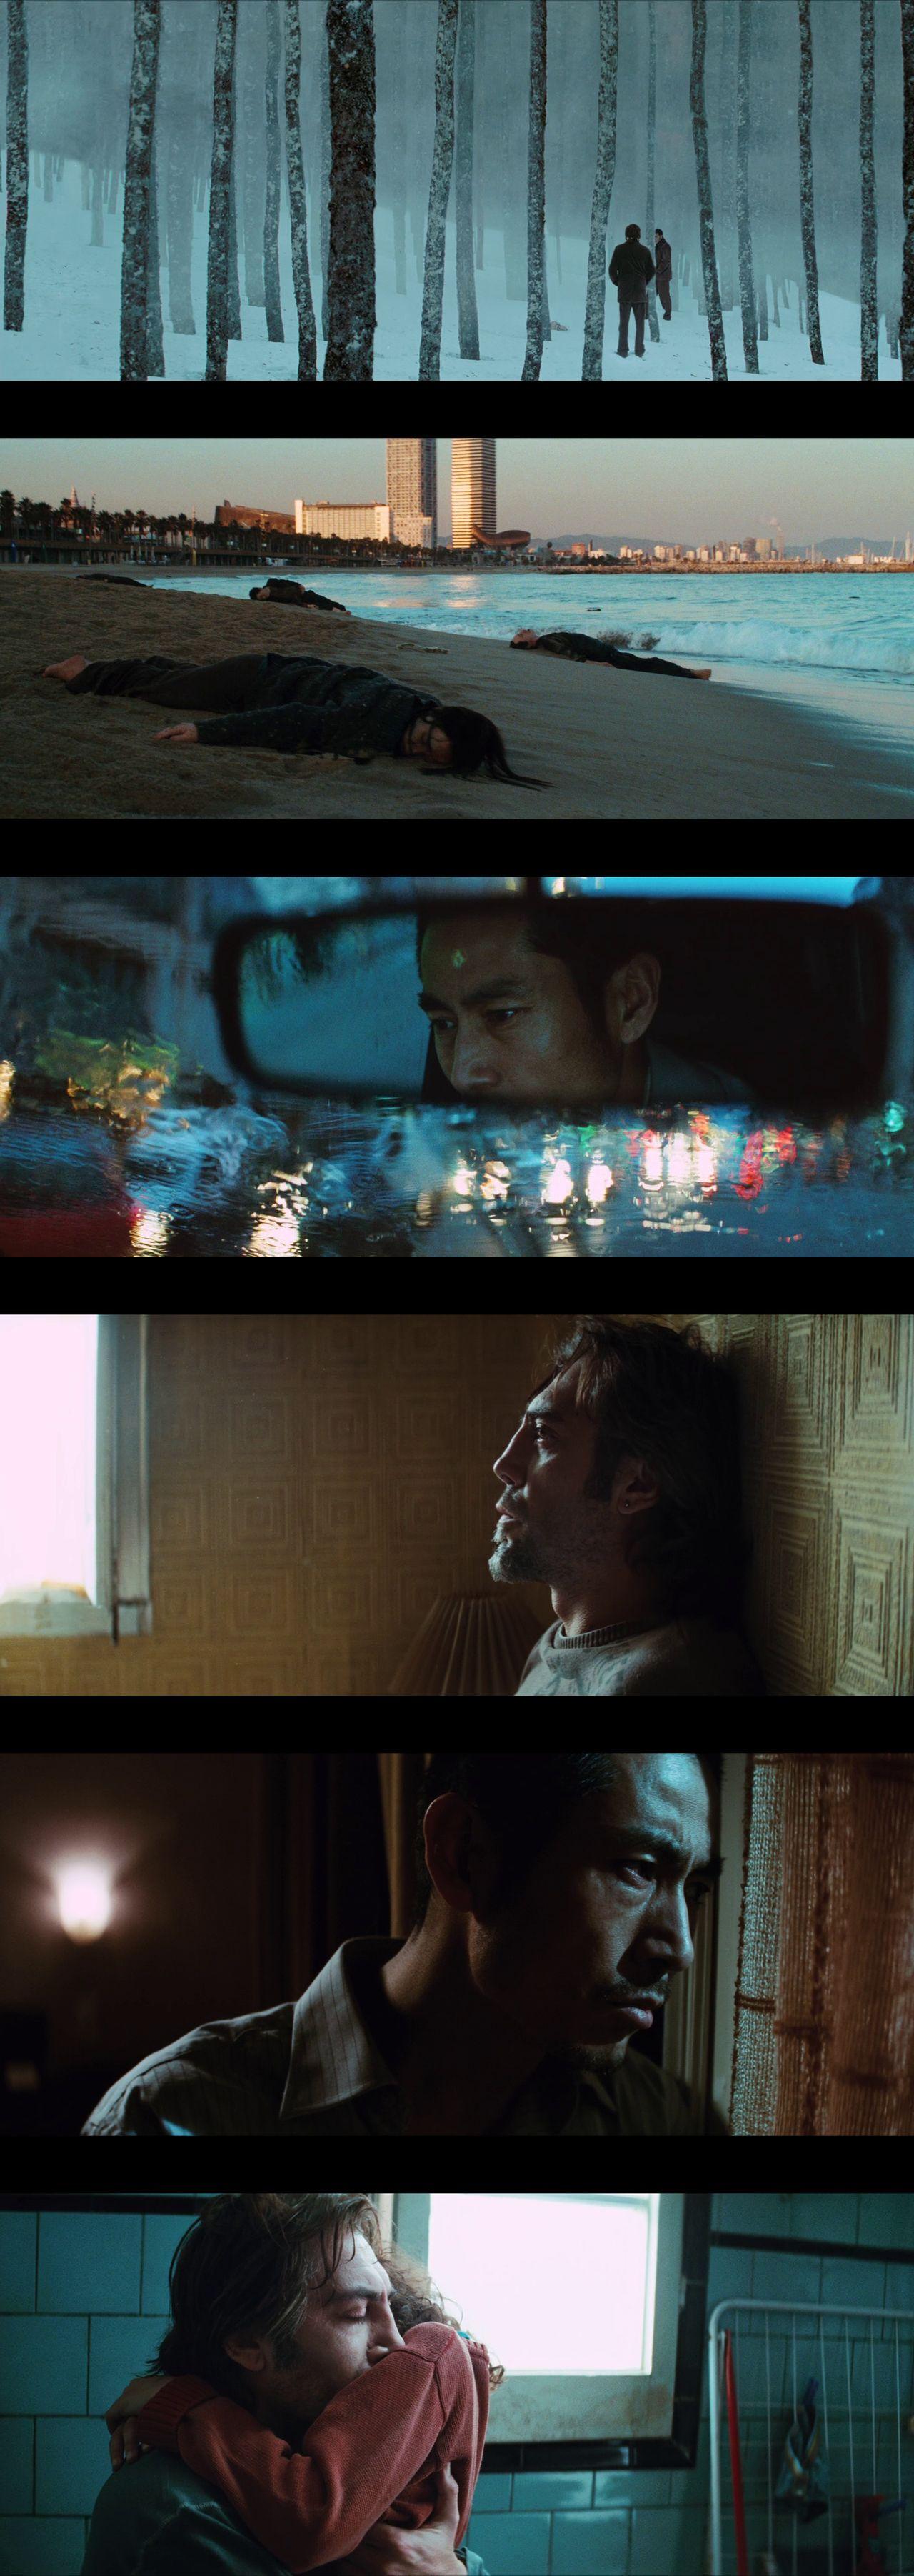 Biutiful (2010)  Directed by Alejandro González Iñárritu  Cinematography by Rodrigo Prieto